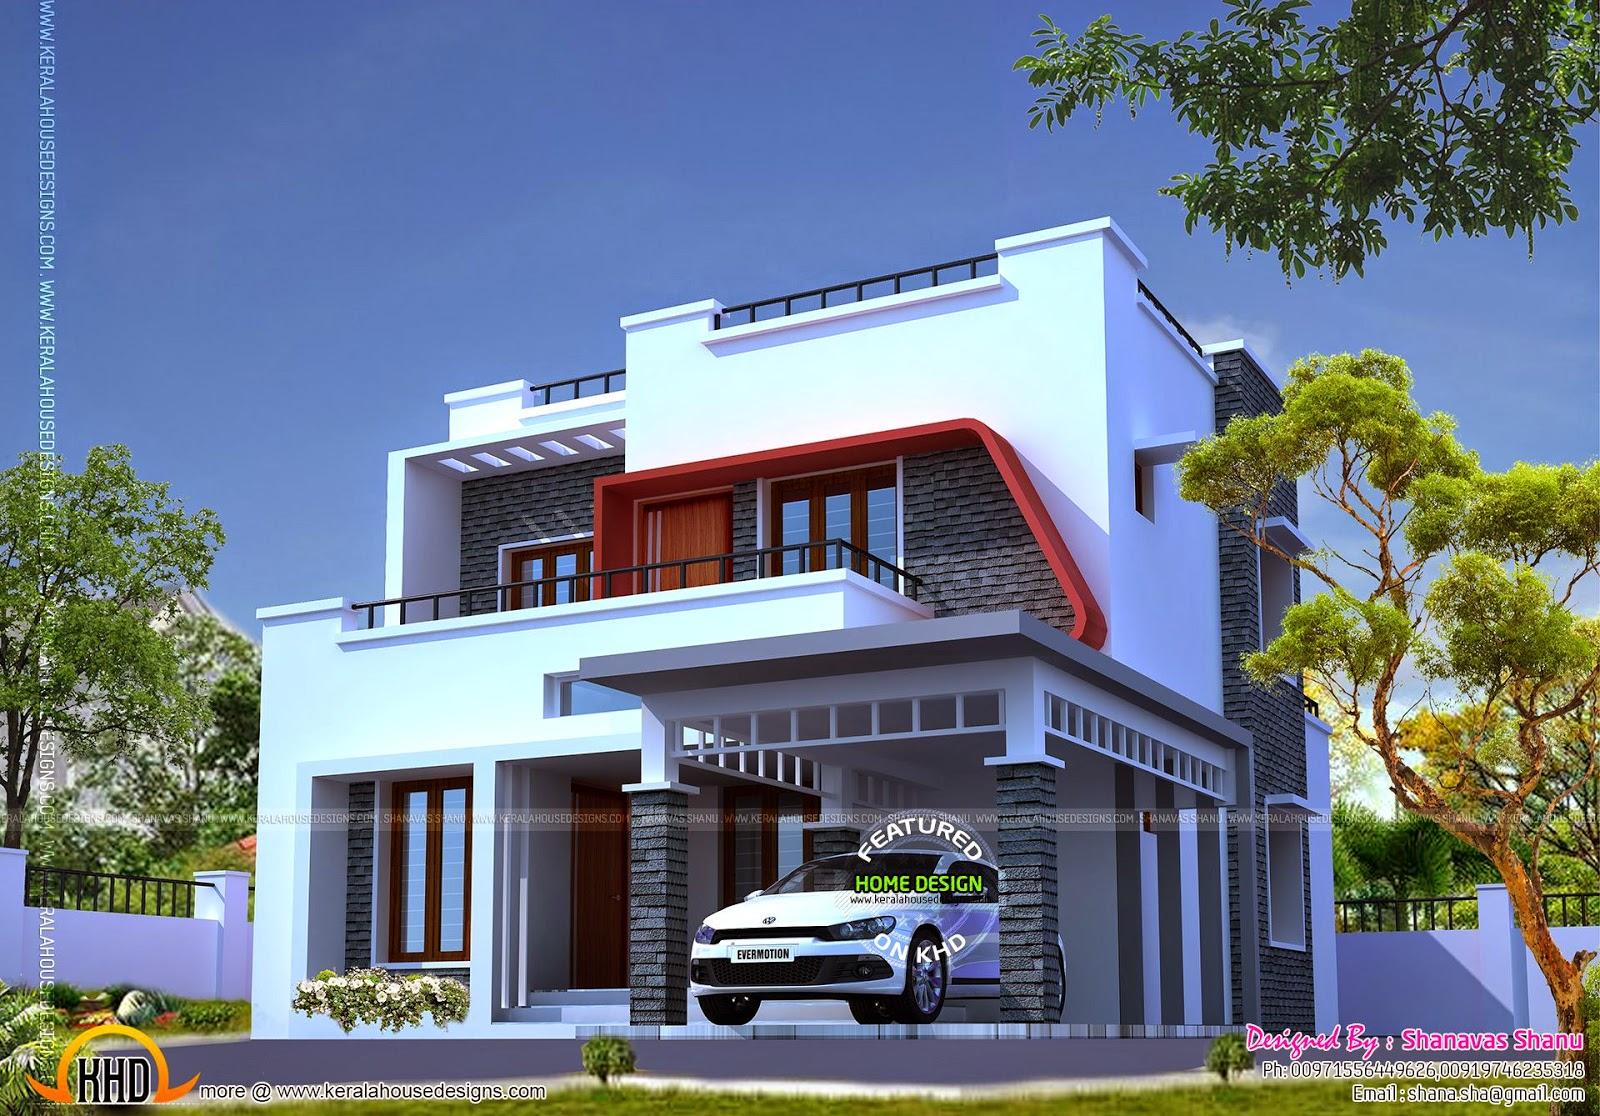 Moderno Estilo Plan de Casa - 3 Dormitorios 5 Baños 2,300 Sq 2. ()